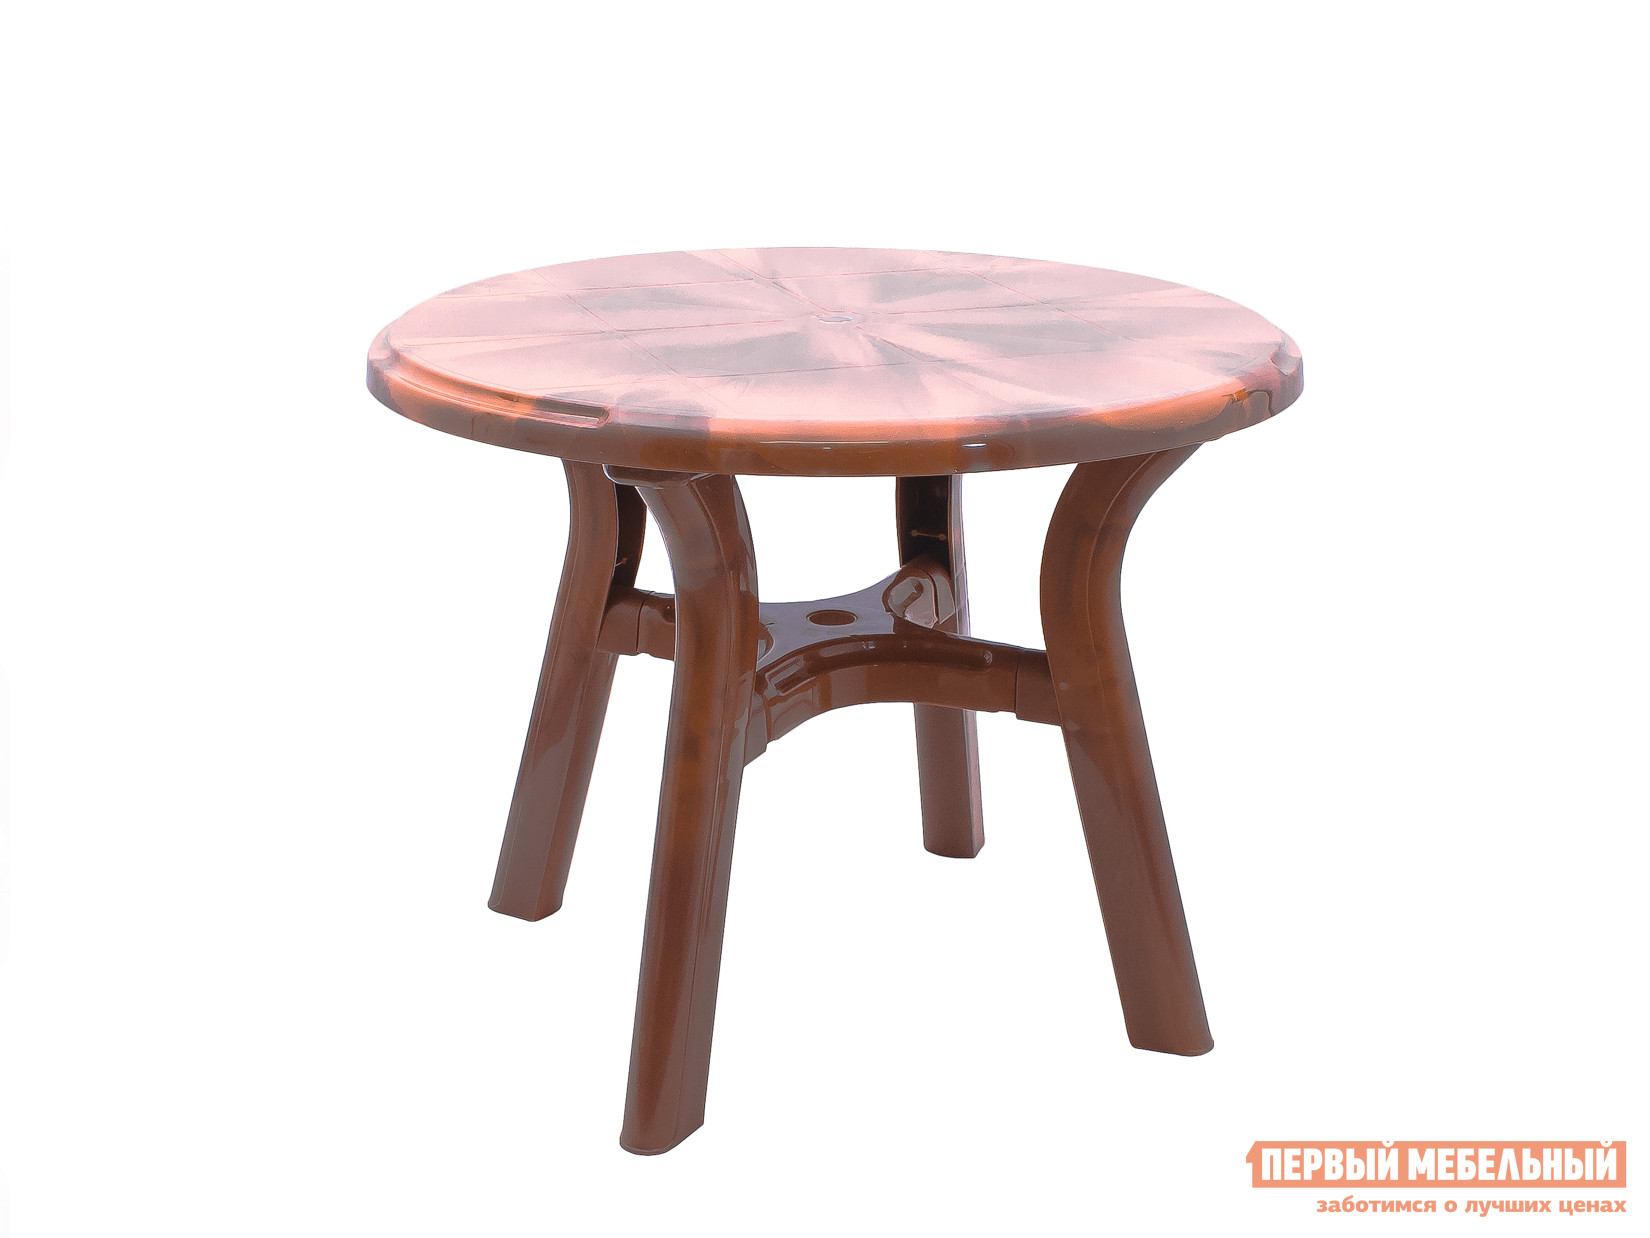 Пластиковый стол Стандарт Пластик Групп Стол круглый